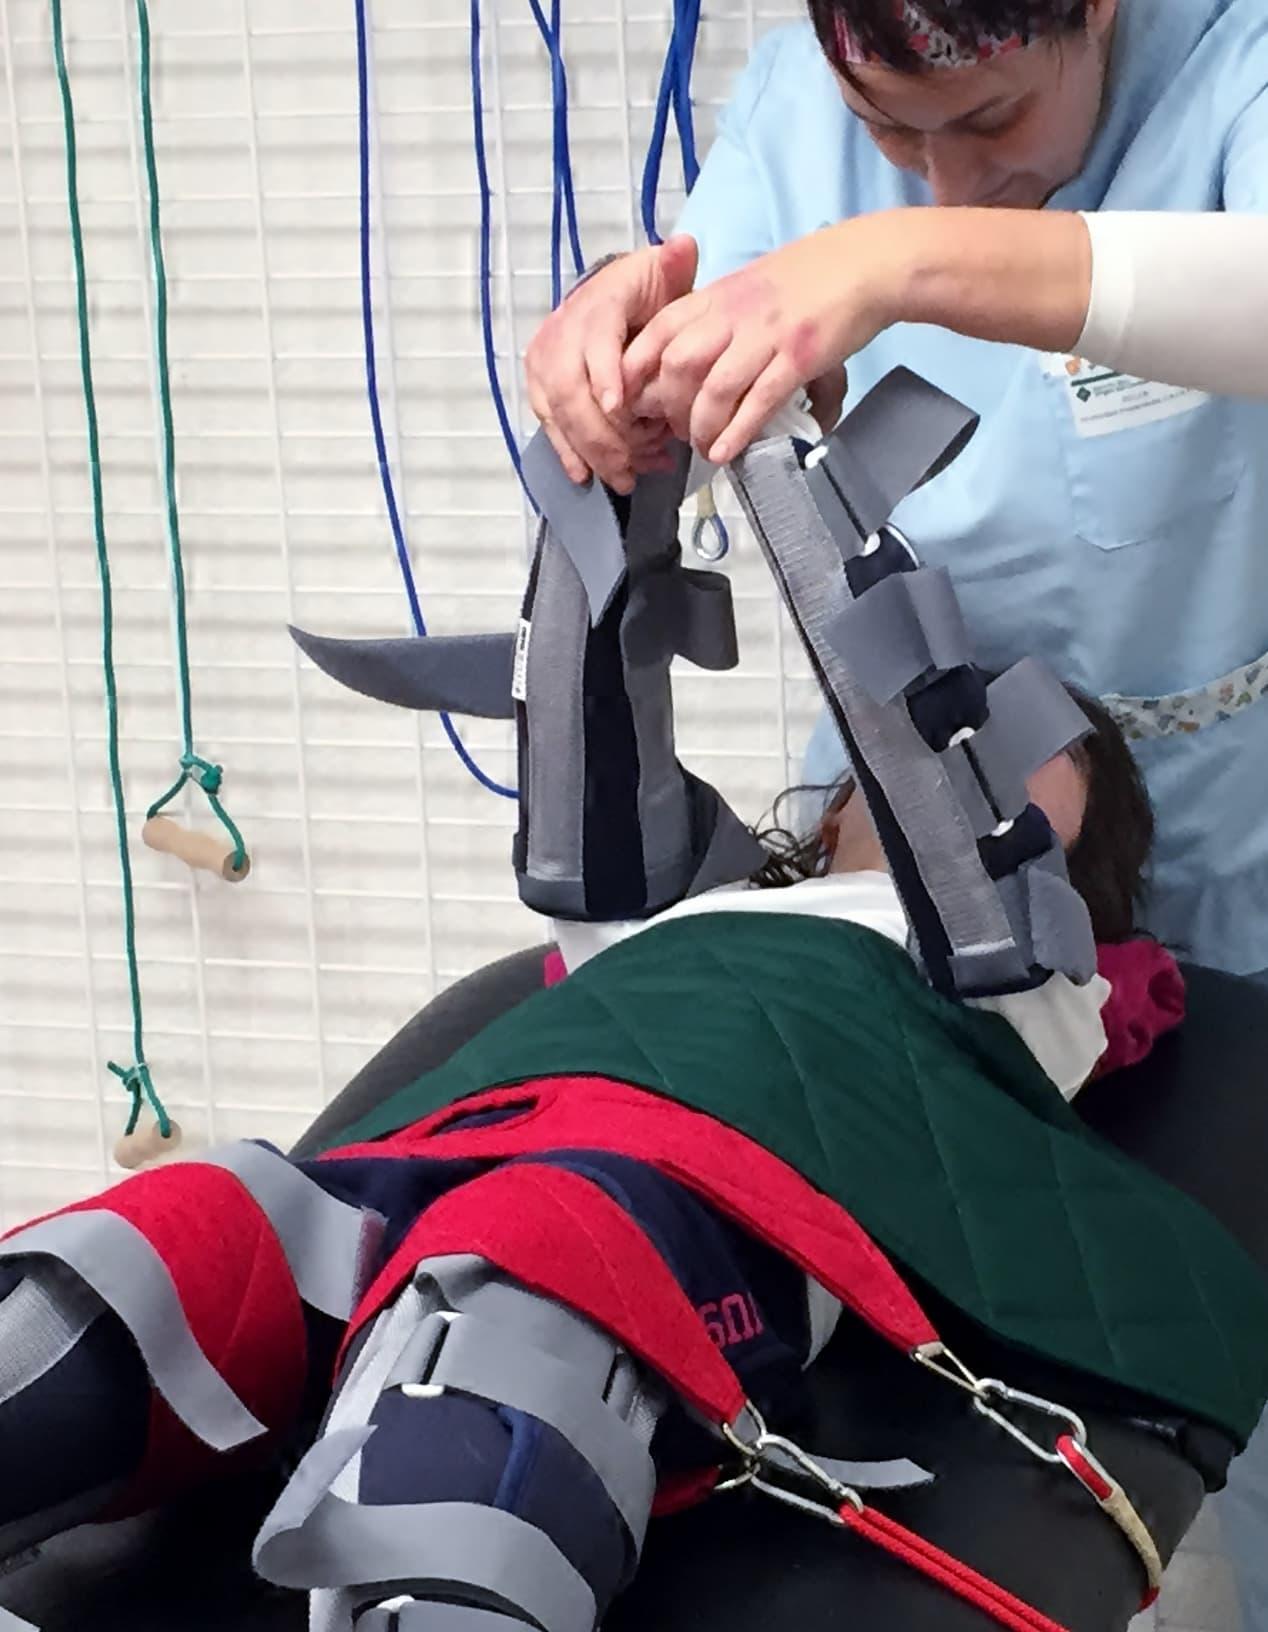 Therasuit, un traje ortopédico para mejorar la movilidad de niños con parálisis cerebral